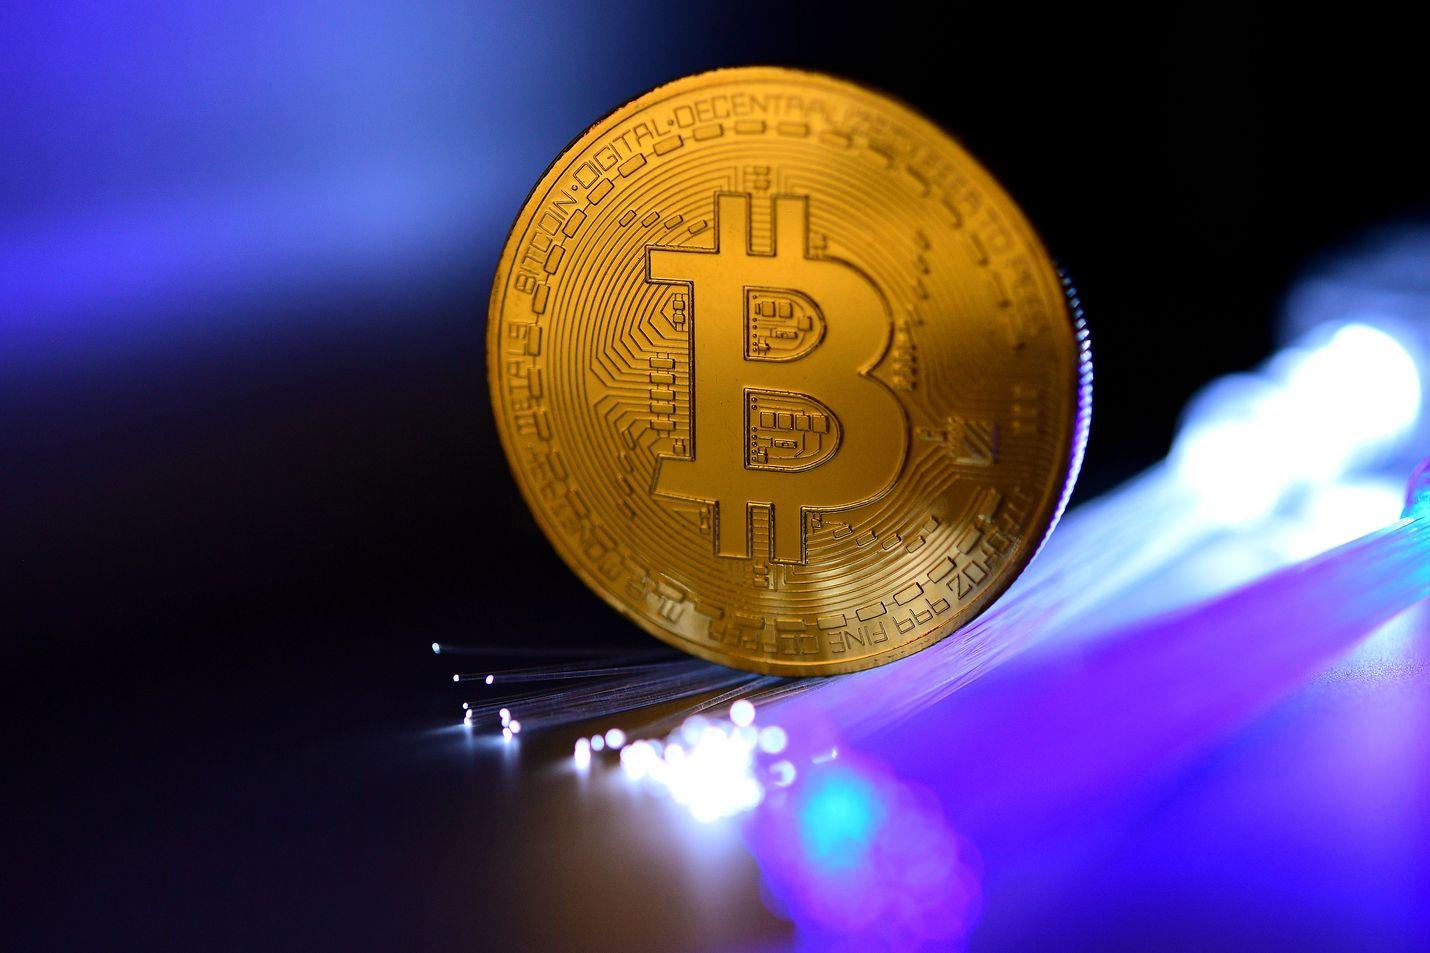 Tunnetuimman kryptovaluutan Bitcoinin arvo on noussut pelkästään toukokuun aikana yli 50 prosenttia. Vuonna 2017 taas nähtiin yli 60 prosentin romahdus vain vähän yli kuukaudessa.